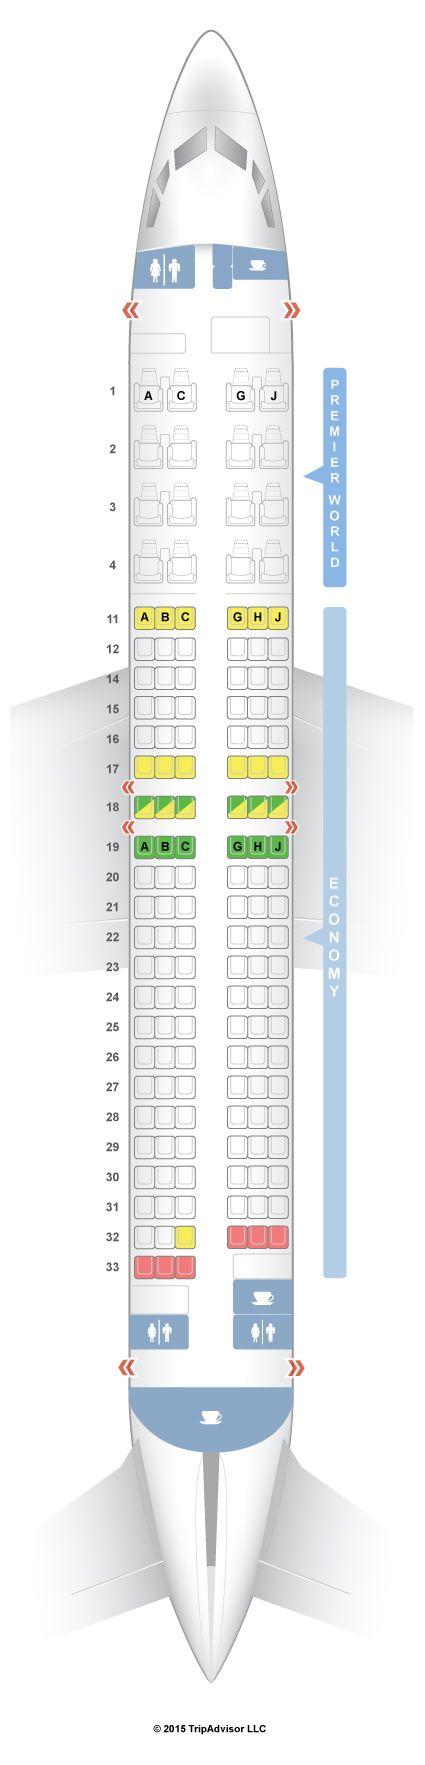 SeatGuru Seat Map Kenya Airways Boeing 737-800 (738)